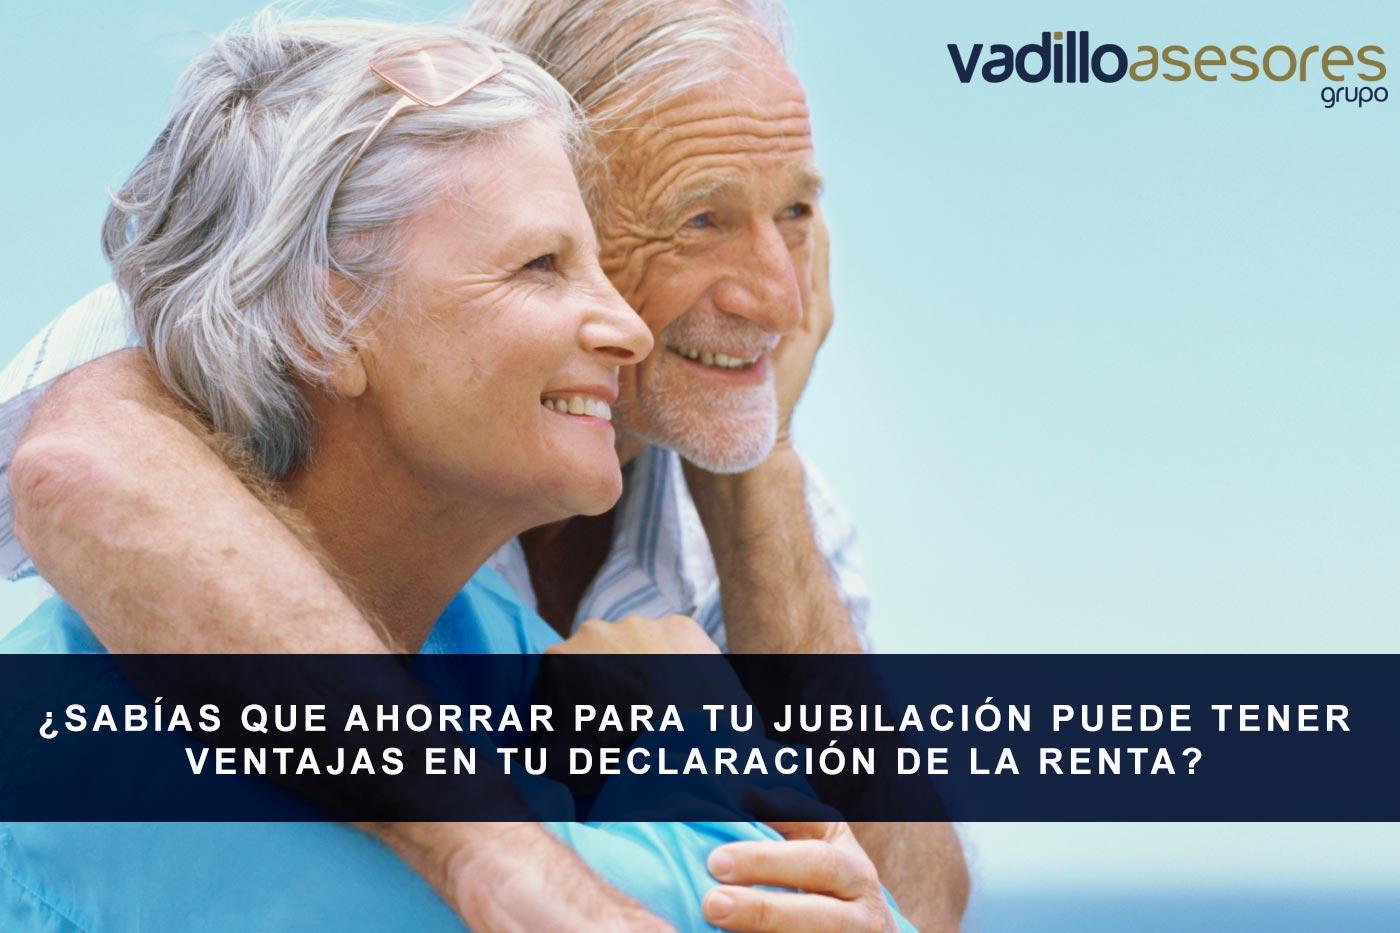 ¿Sabías que ahorrar para tu jubilación puede tener ventajas en tu Declaración de la Renta?